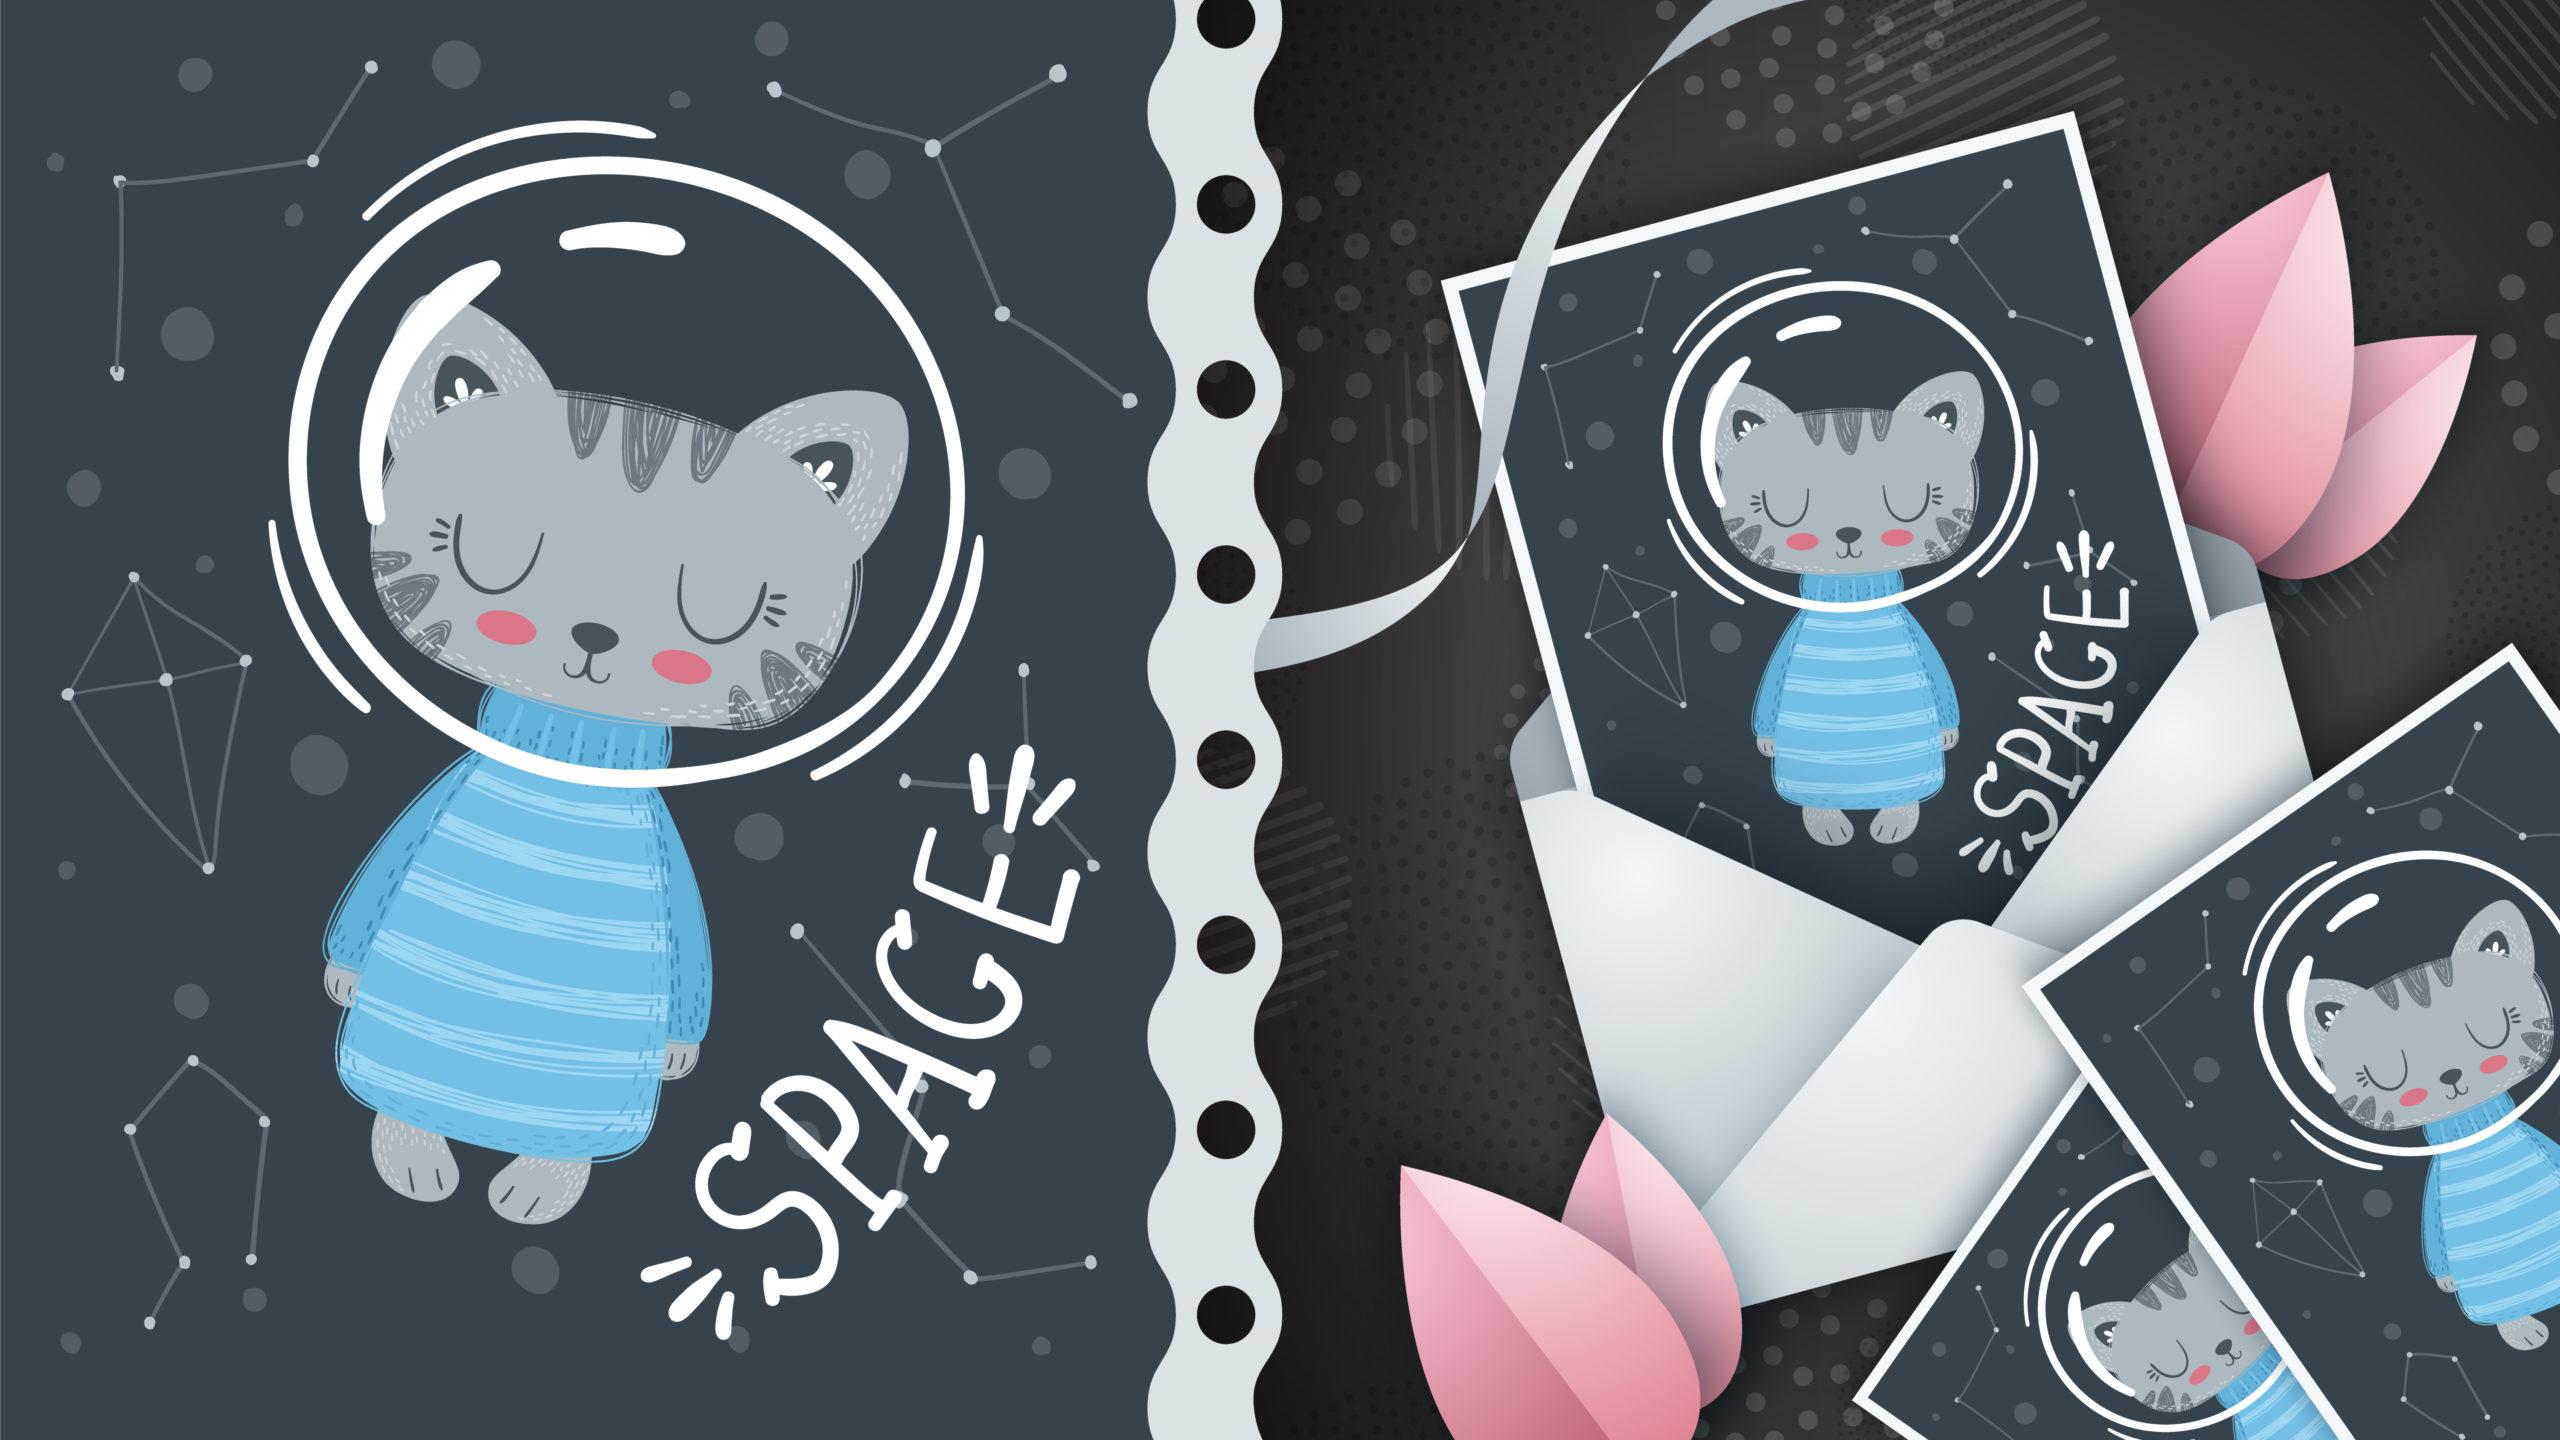 ギャラクシー猫-グリーティングカード